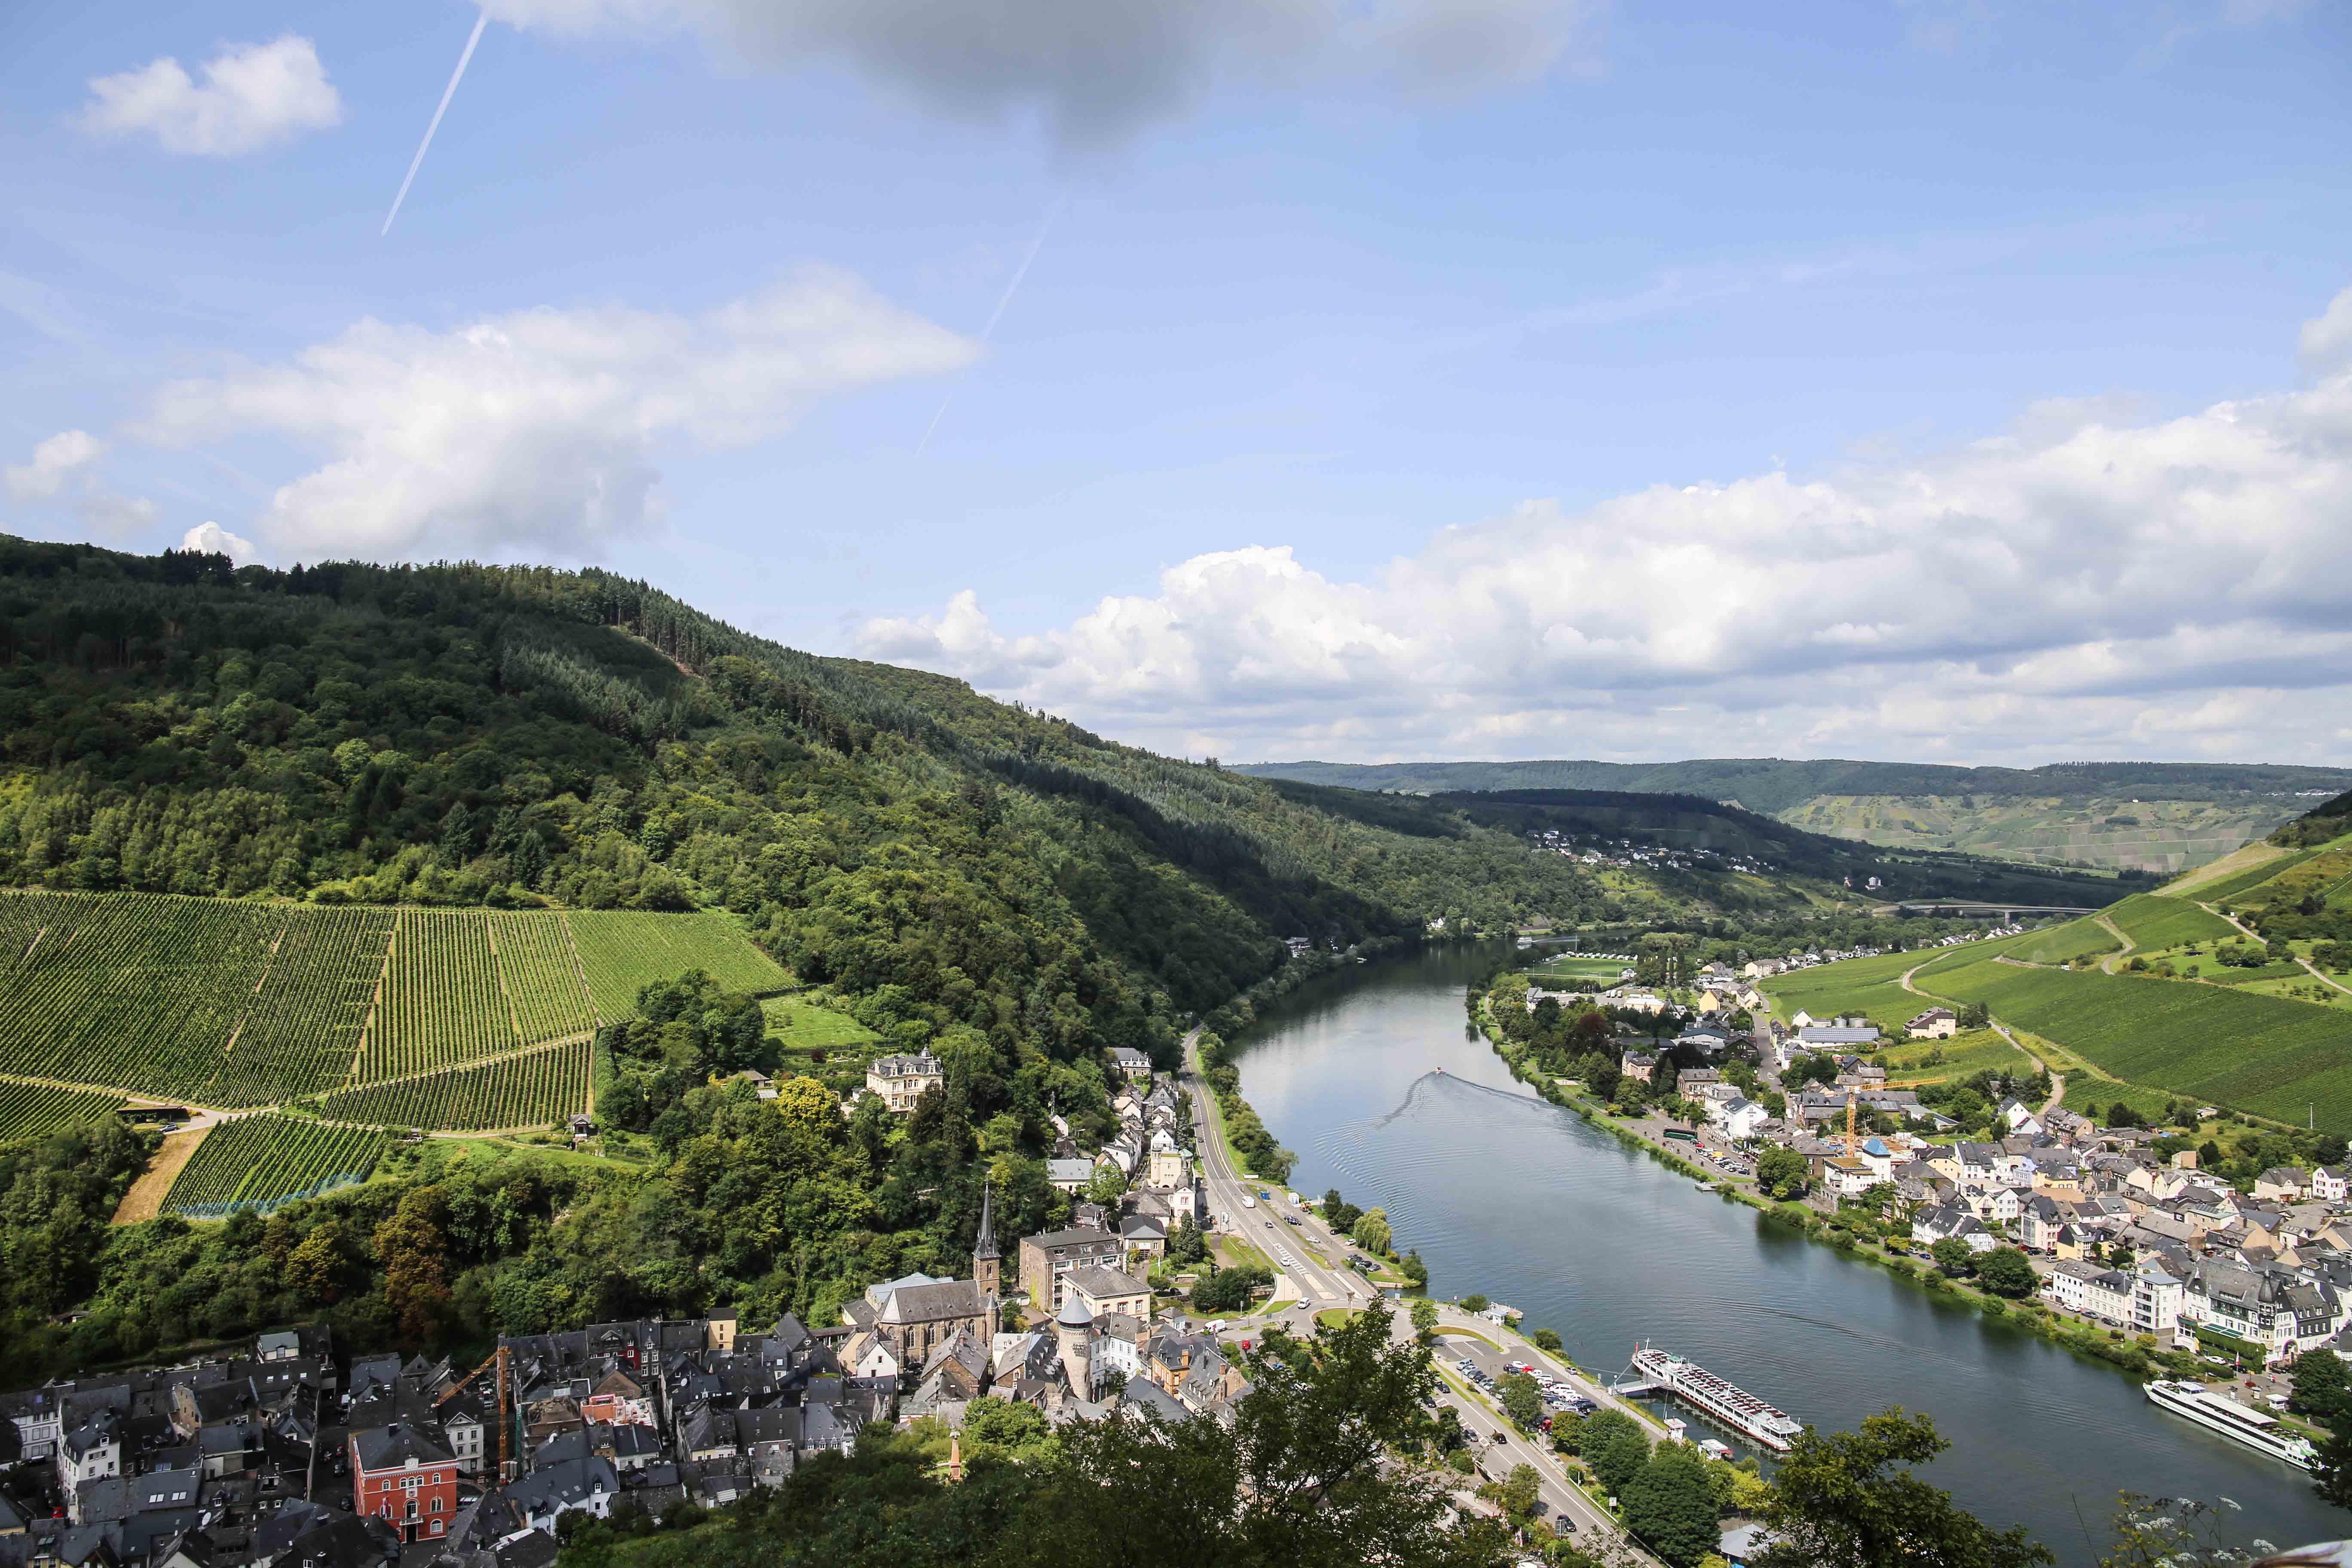 urlaub-mosel-regio-auszeit-romantik-jugendstilhotel-bellevue-traben-trarbach-deutschland-blogger_8929